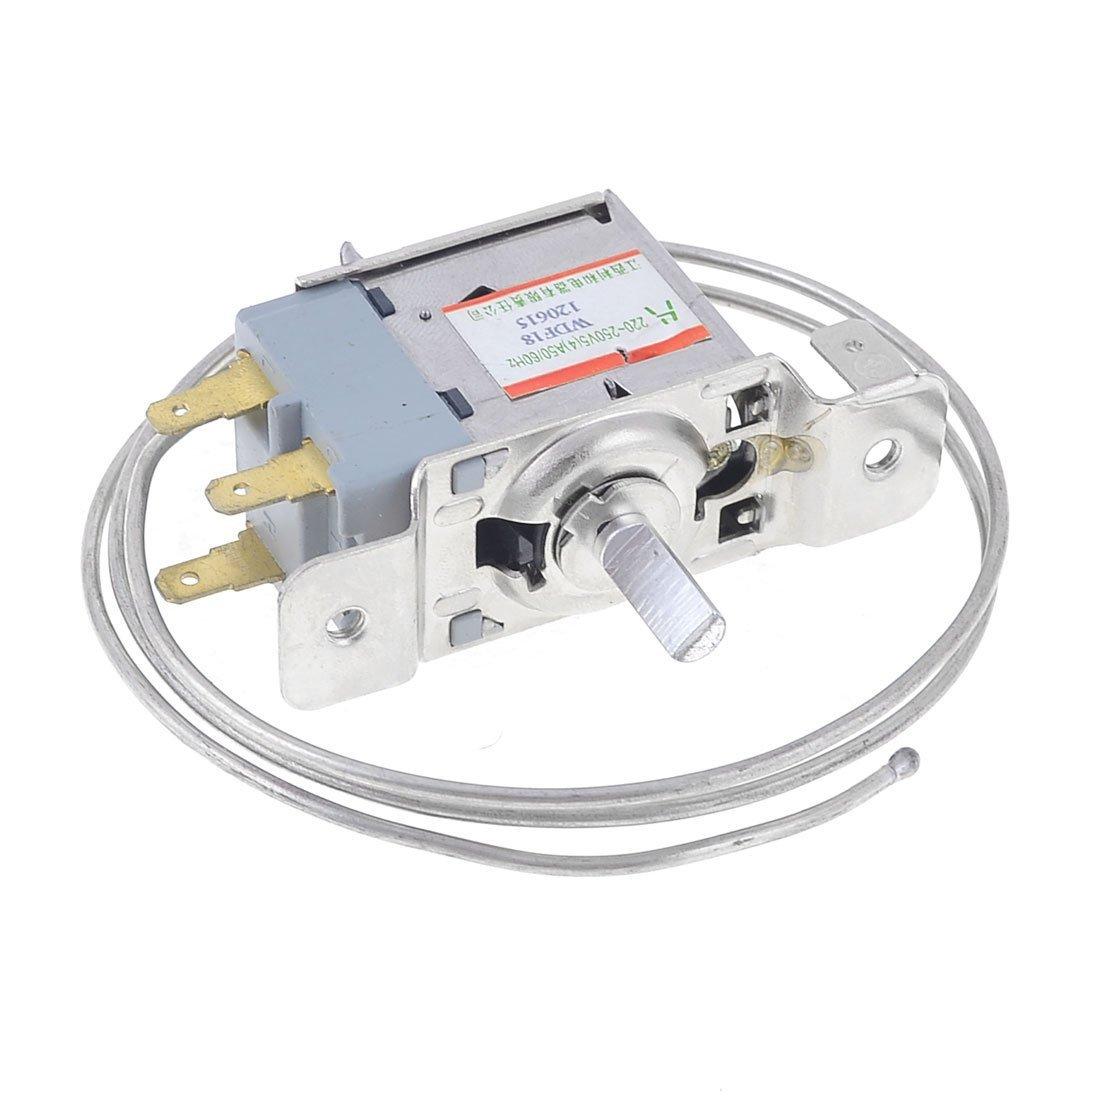 Refrigerator Thermostat - SODIAL(R) AC 220V-250V Volt 5(4)A 3-Pin 5.8mm Dia Shaft Refrigerator Thermostat